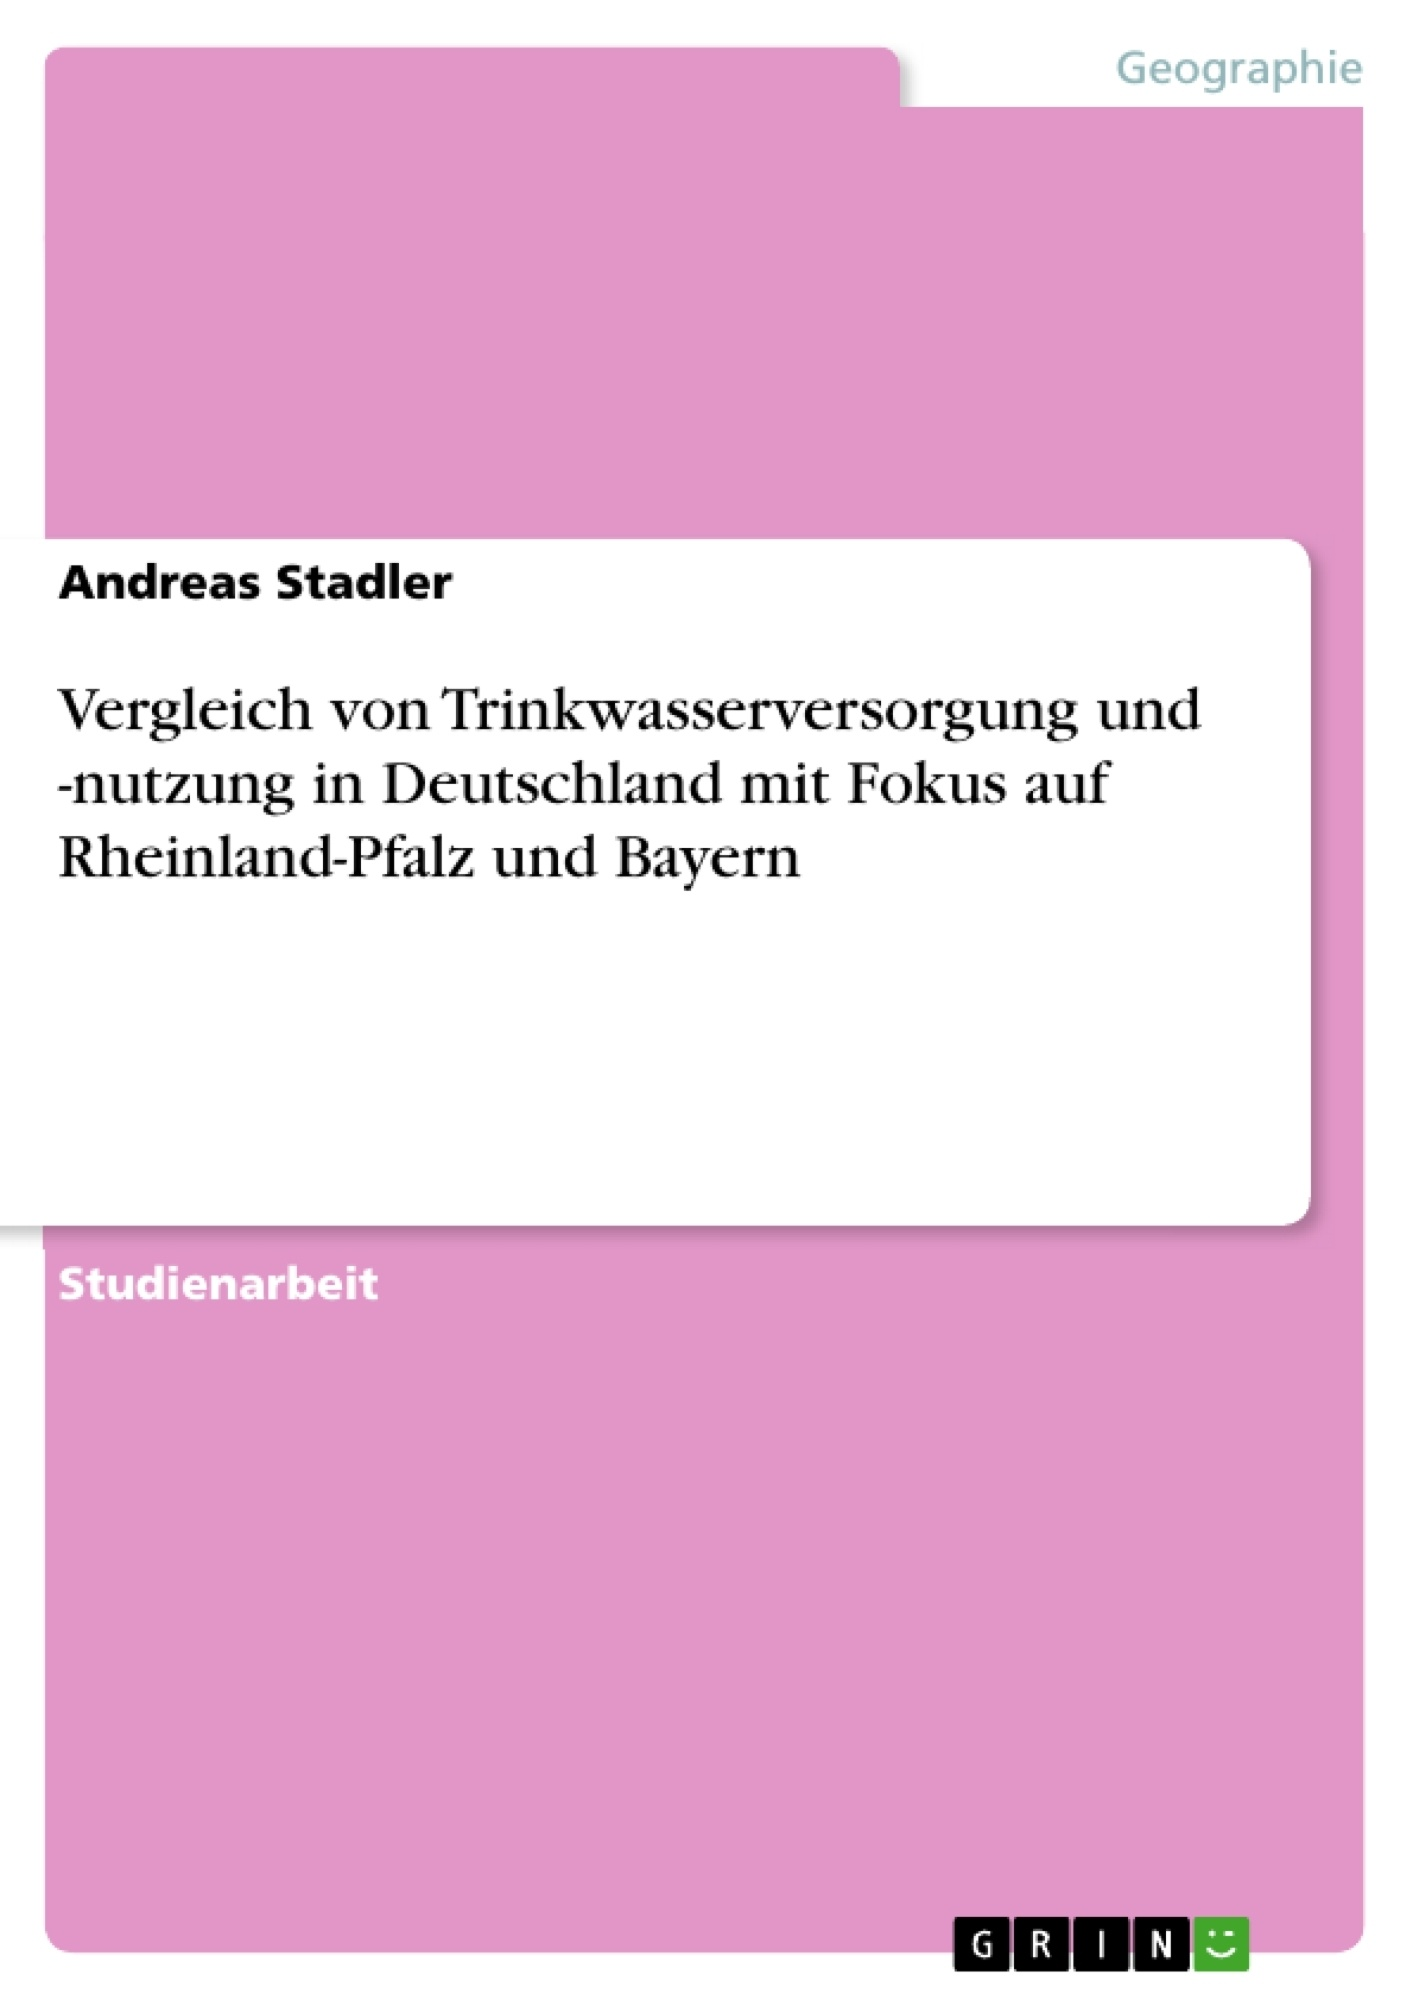 Titel: Vergleich von Trinkwasserversorgung und -nutzung in Deutschland mit Fokus auf Rheinland-Pfalz und Bayern